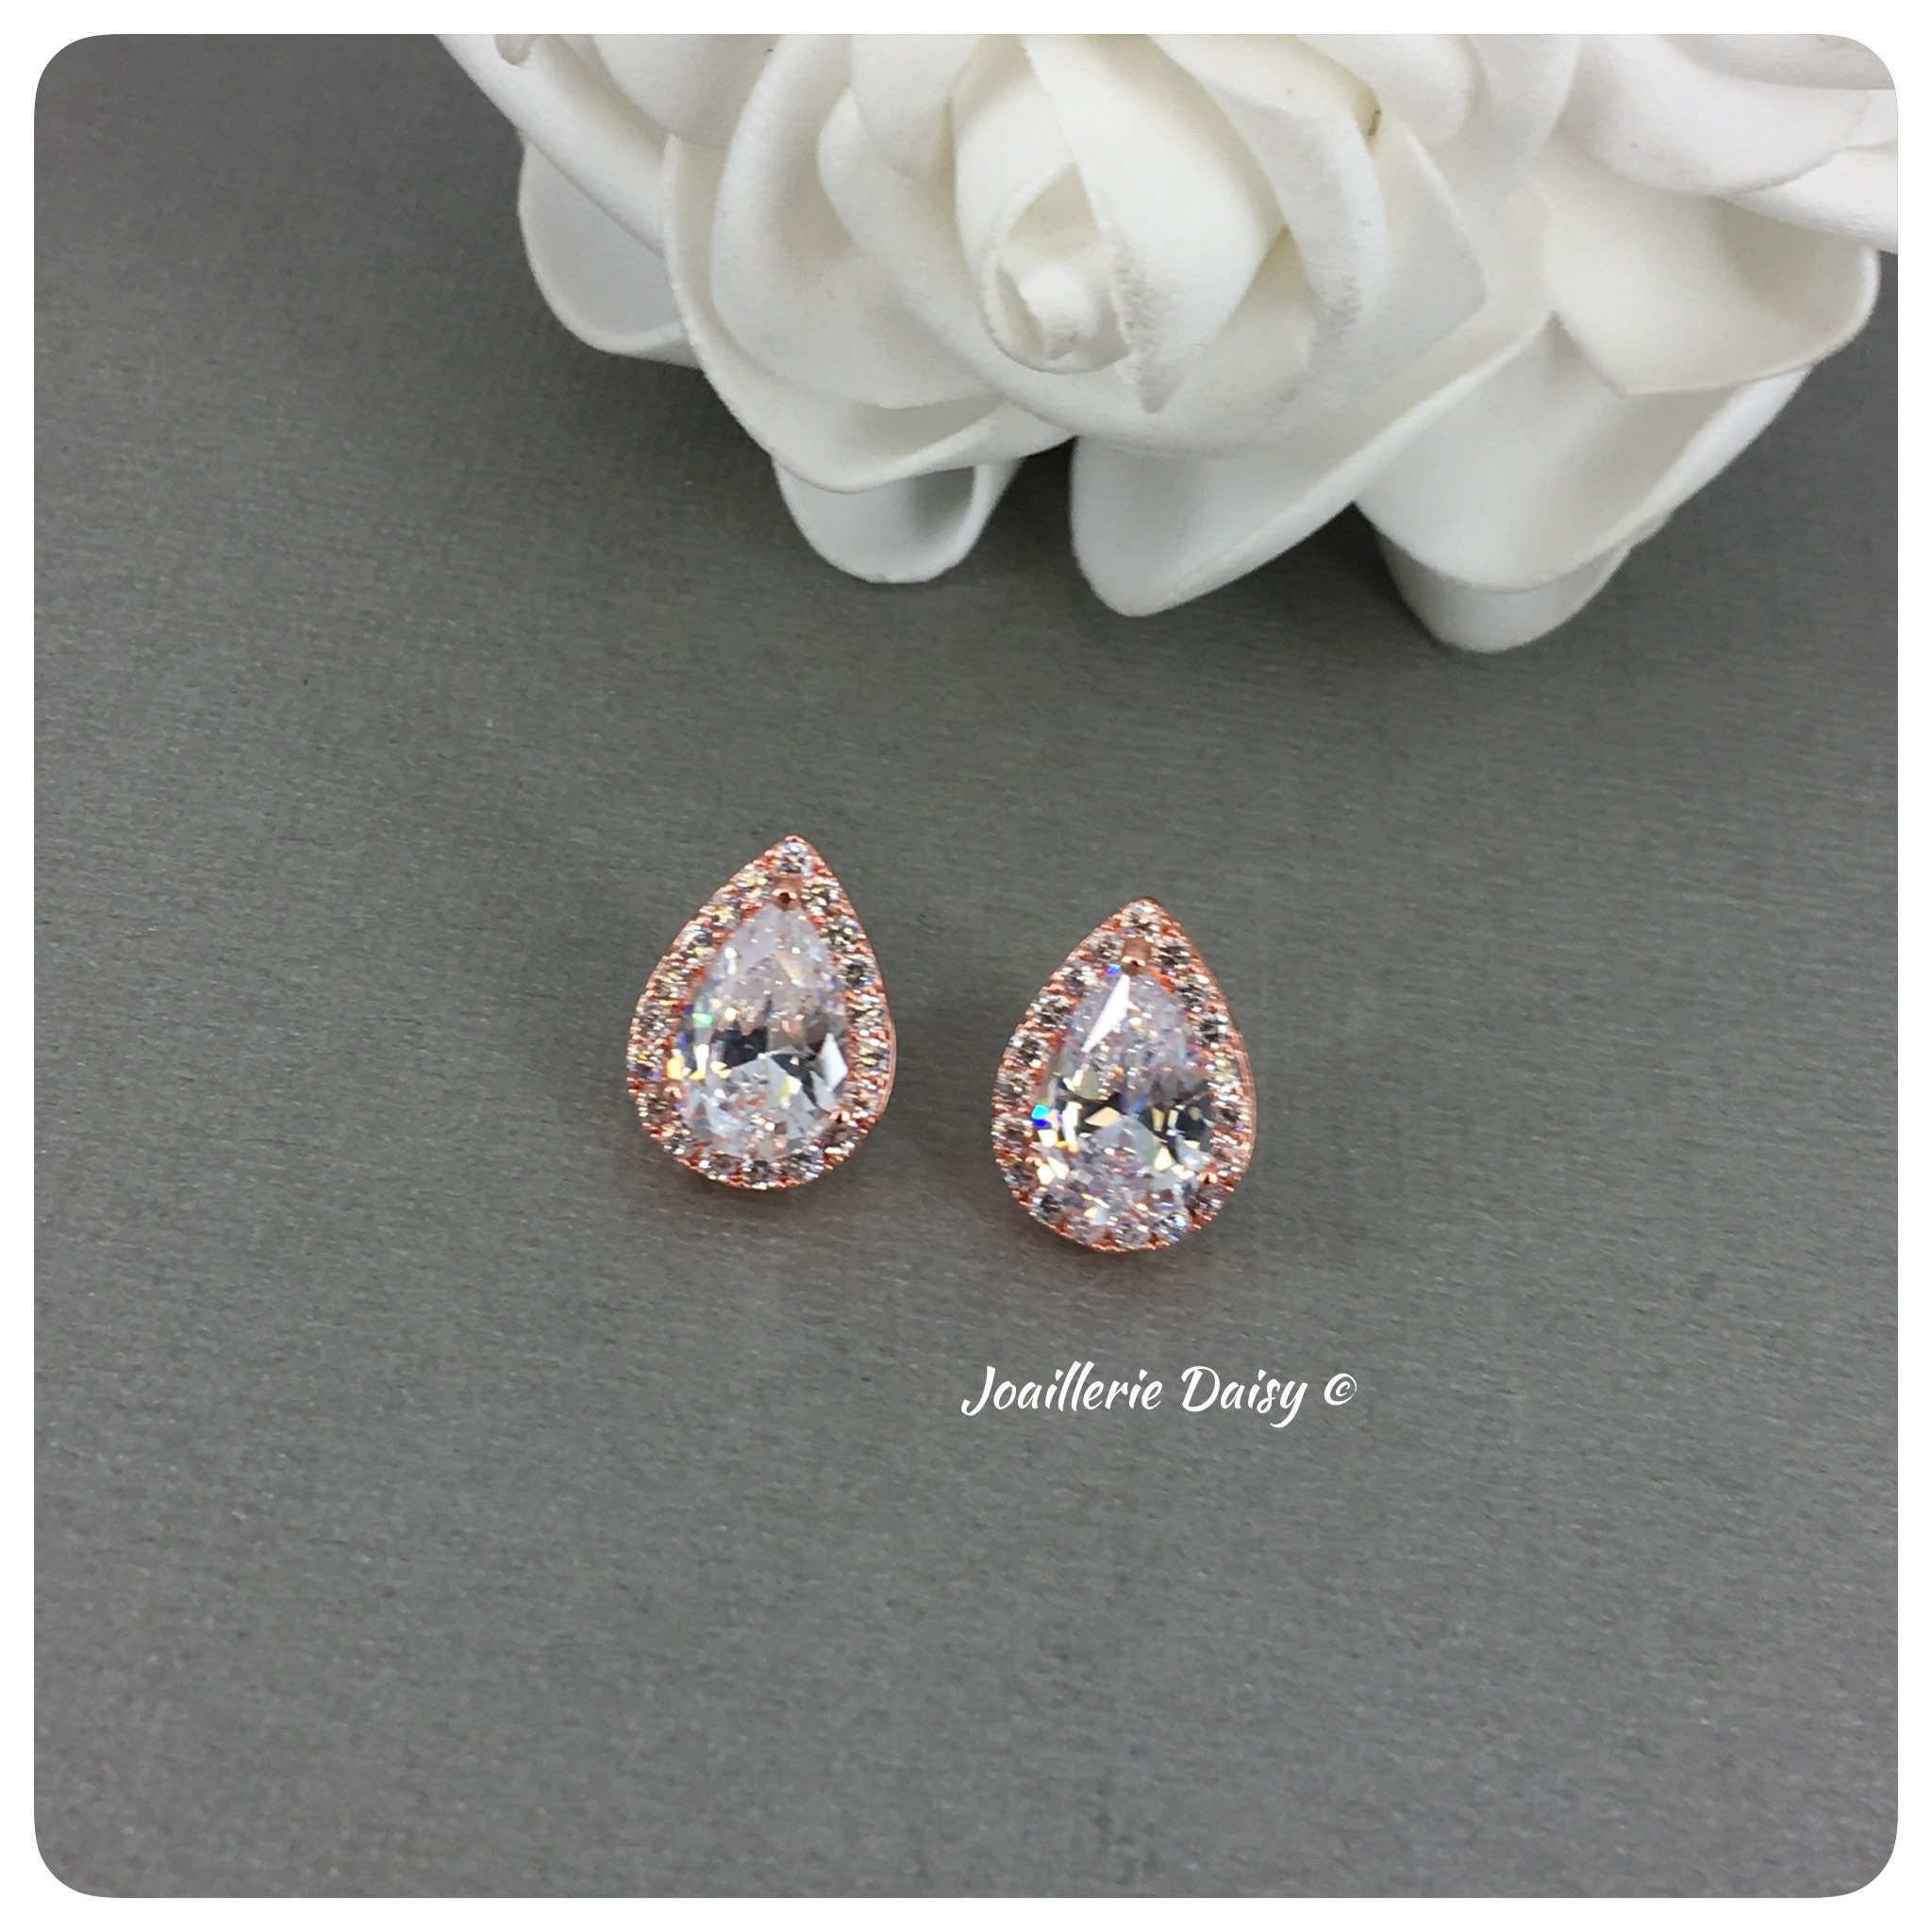 Wedding Bride Earrings Maid of Honor Gift Rose Gold Earrings Floral Cubic Zirconia Earrings White Crystal Earrings Bridesmaid Gift